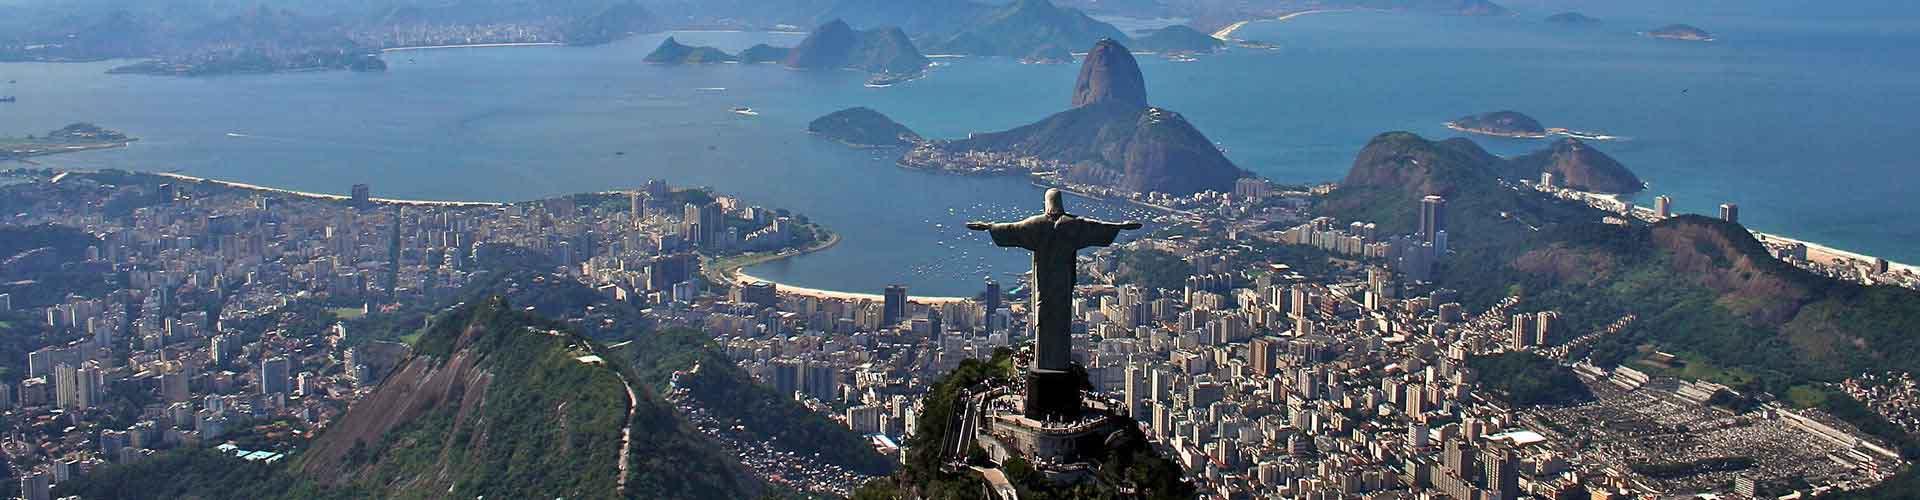 리우데 자네이루 - Botafogo지역에 위치한 호스텔. 리우데 자네이루의 지도, 리우데 자네이루에 위치한 호스텔에 대한 사진 및 리뷰.